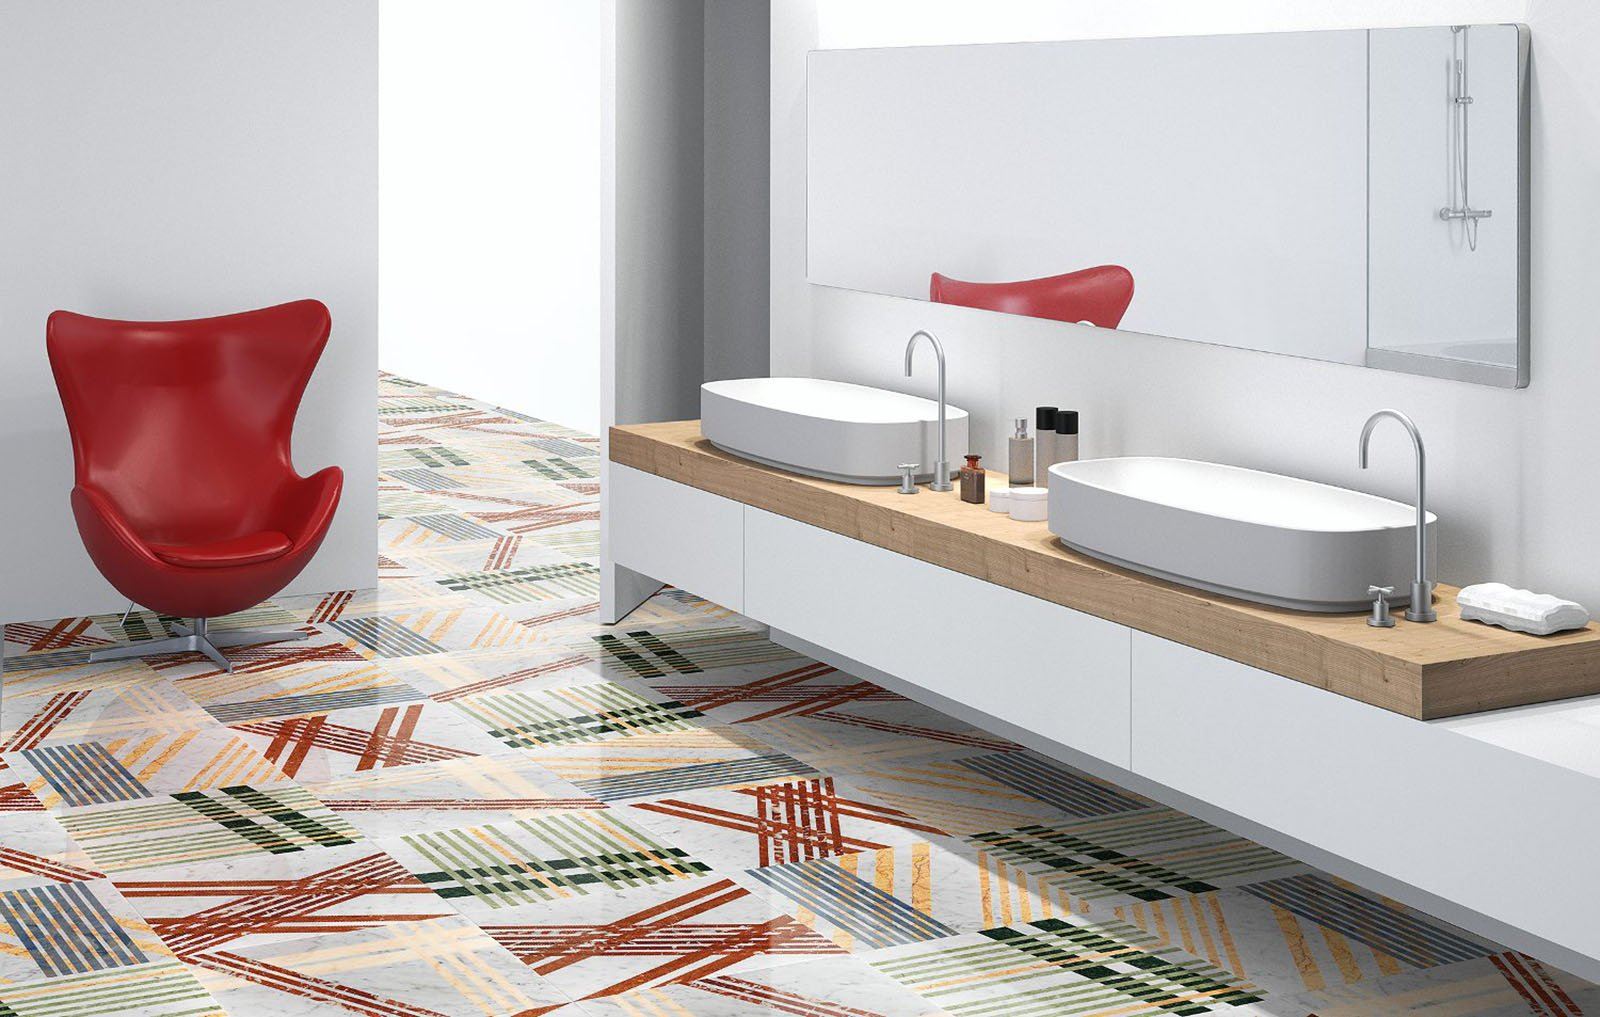 Pavimento Rosso E Bianco : Pavimenti in marmo travertino alla veneziana all insegna della